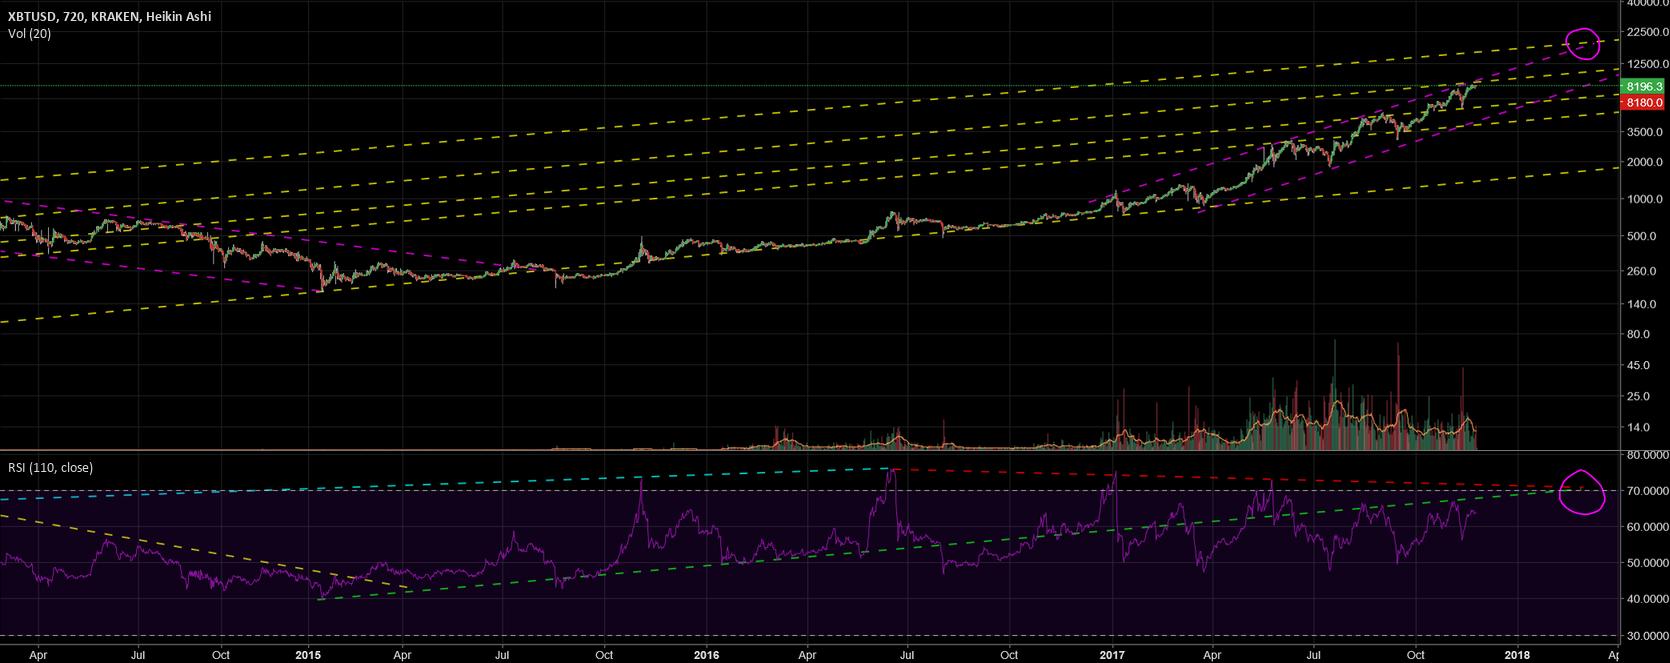 February 28, Bitcoin at $ 19,000